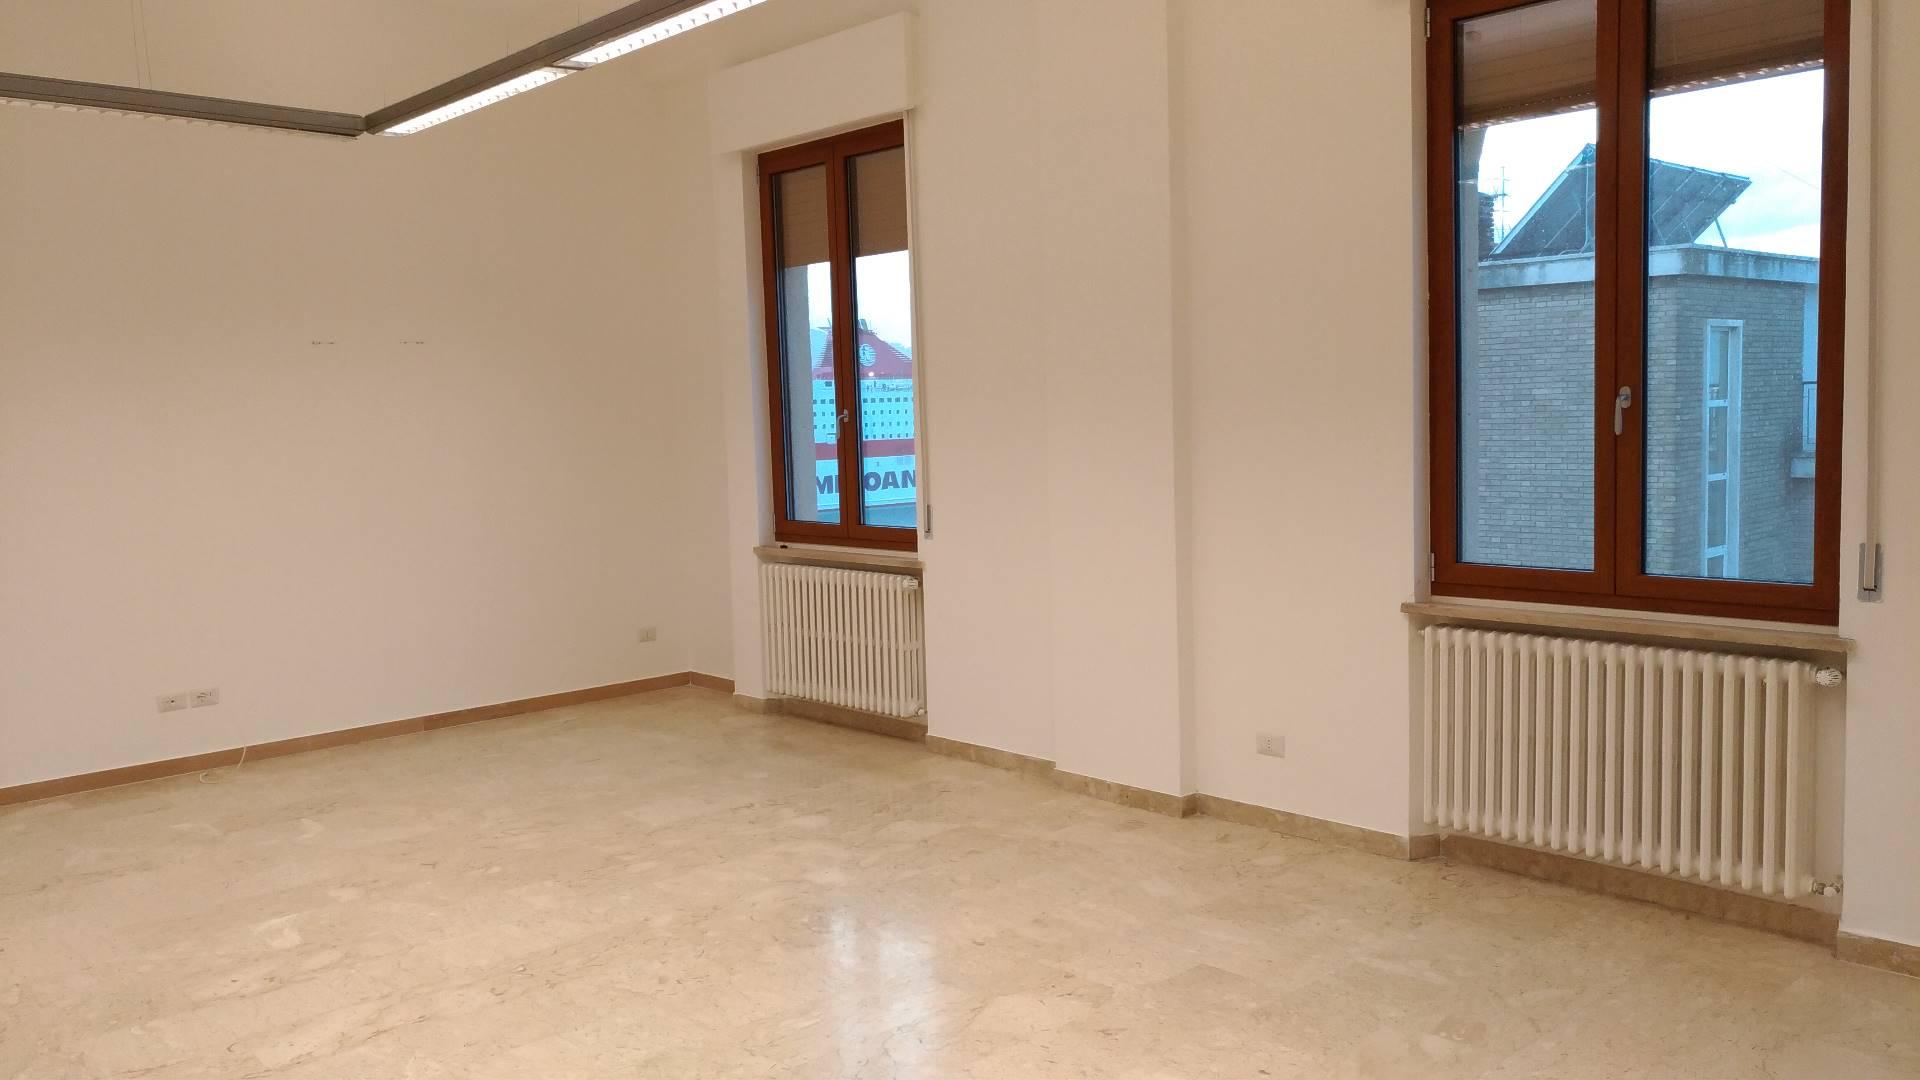 Appartamento in affitto a Ancona, 5 locali, zona Località: Centrostorico, Trattative riservate | Cambio Casa.it